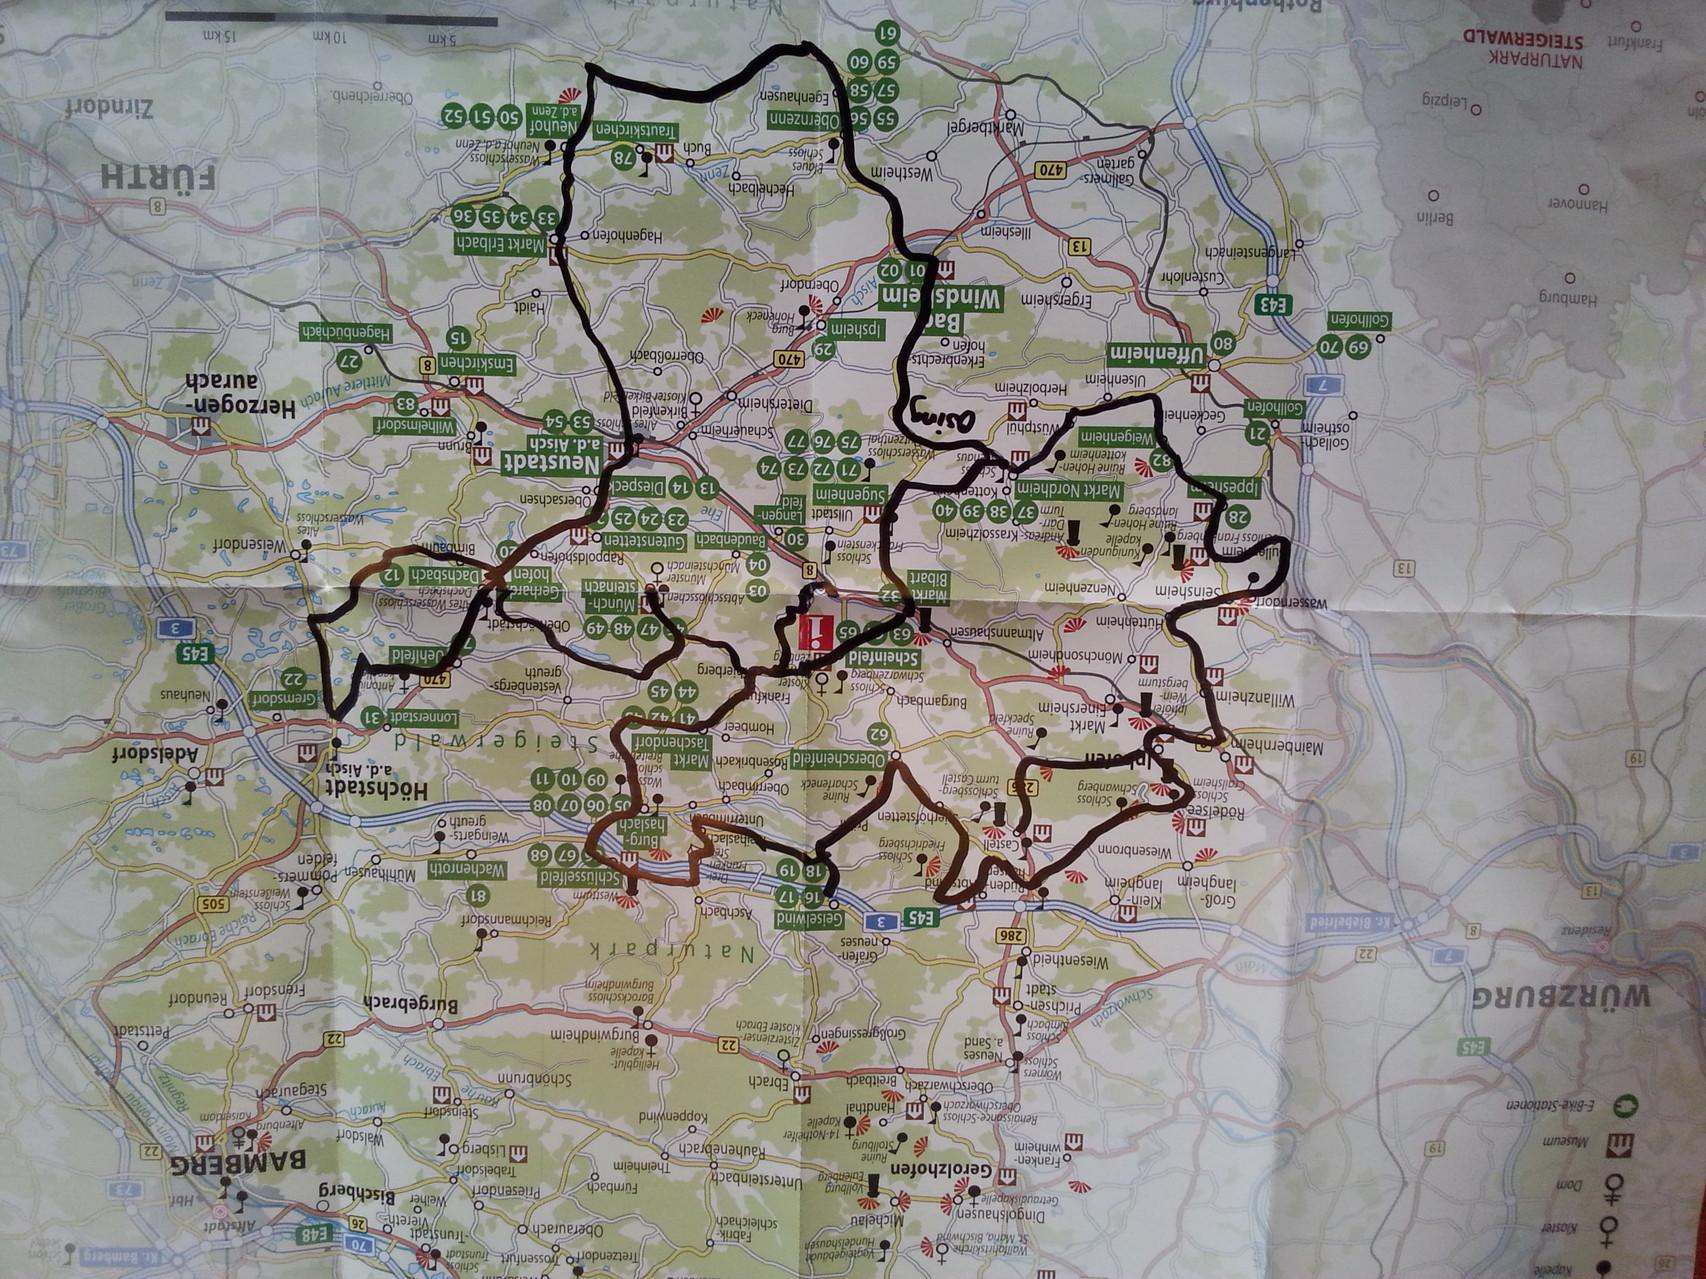 unsere Strecke: 250 km im Landkreis